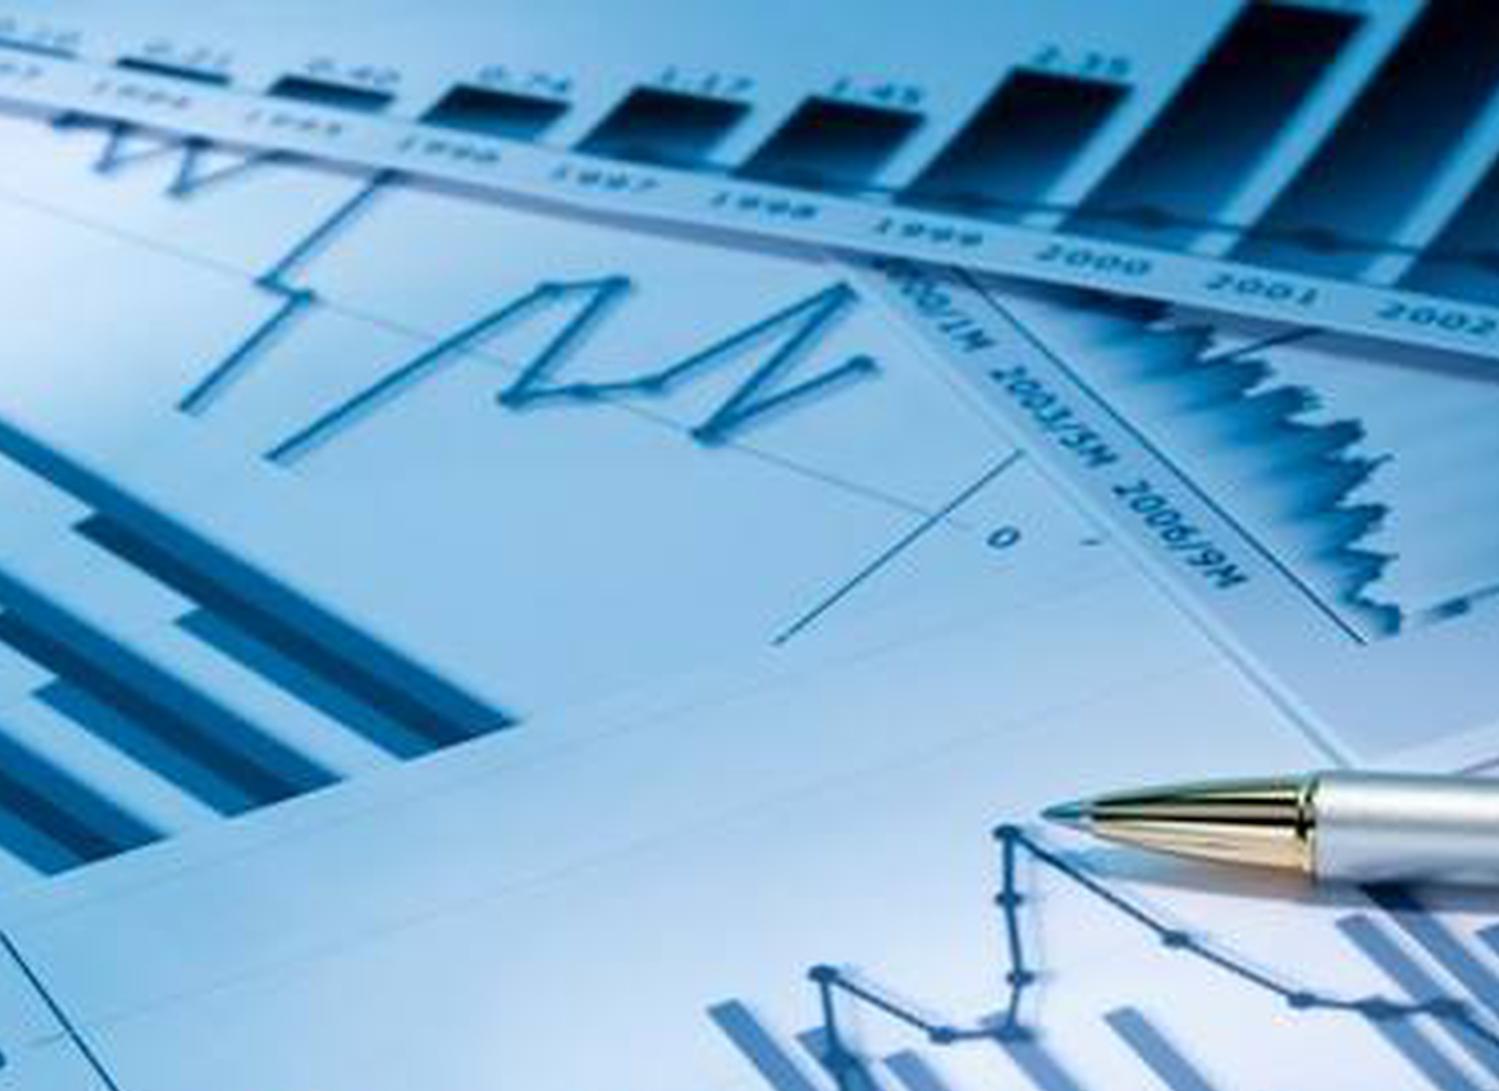 钱去哪了?——解读9月货币金融数据和近期政策